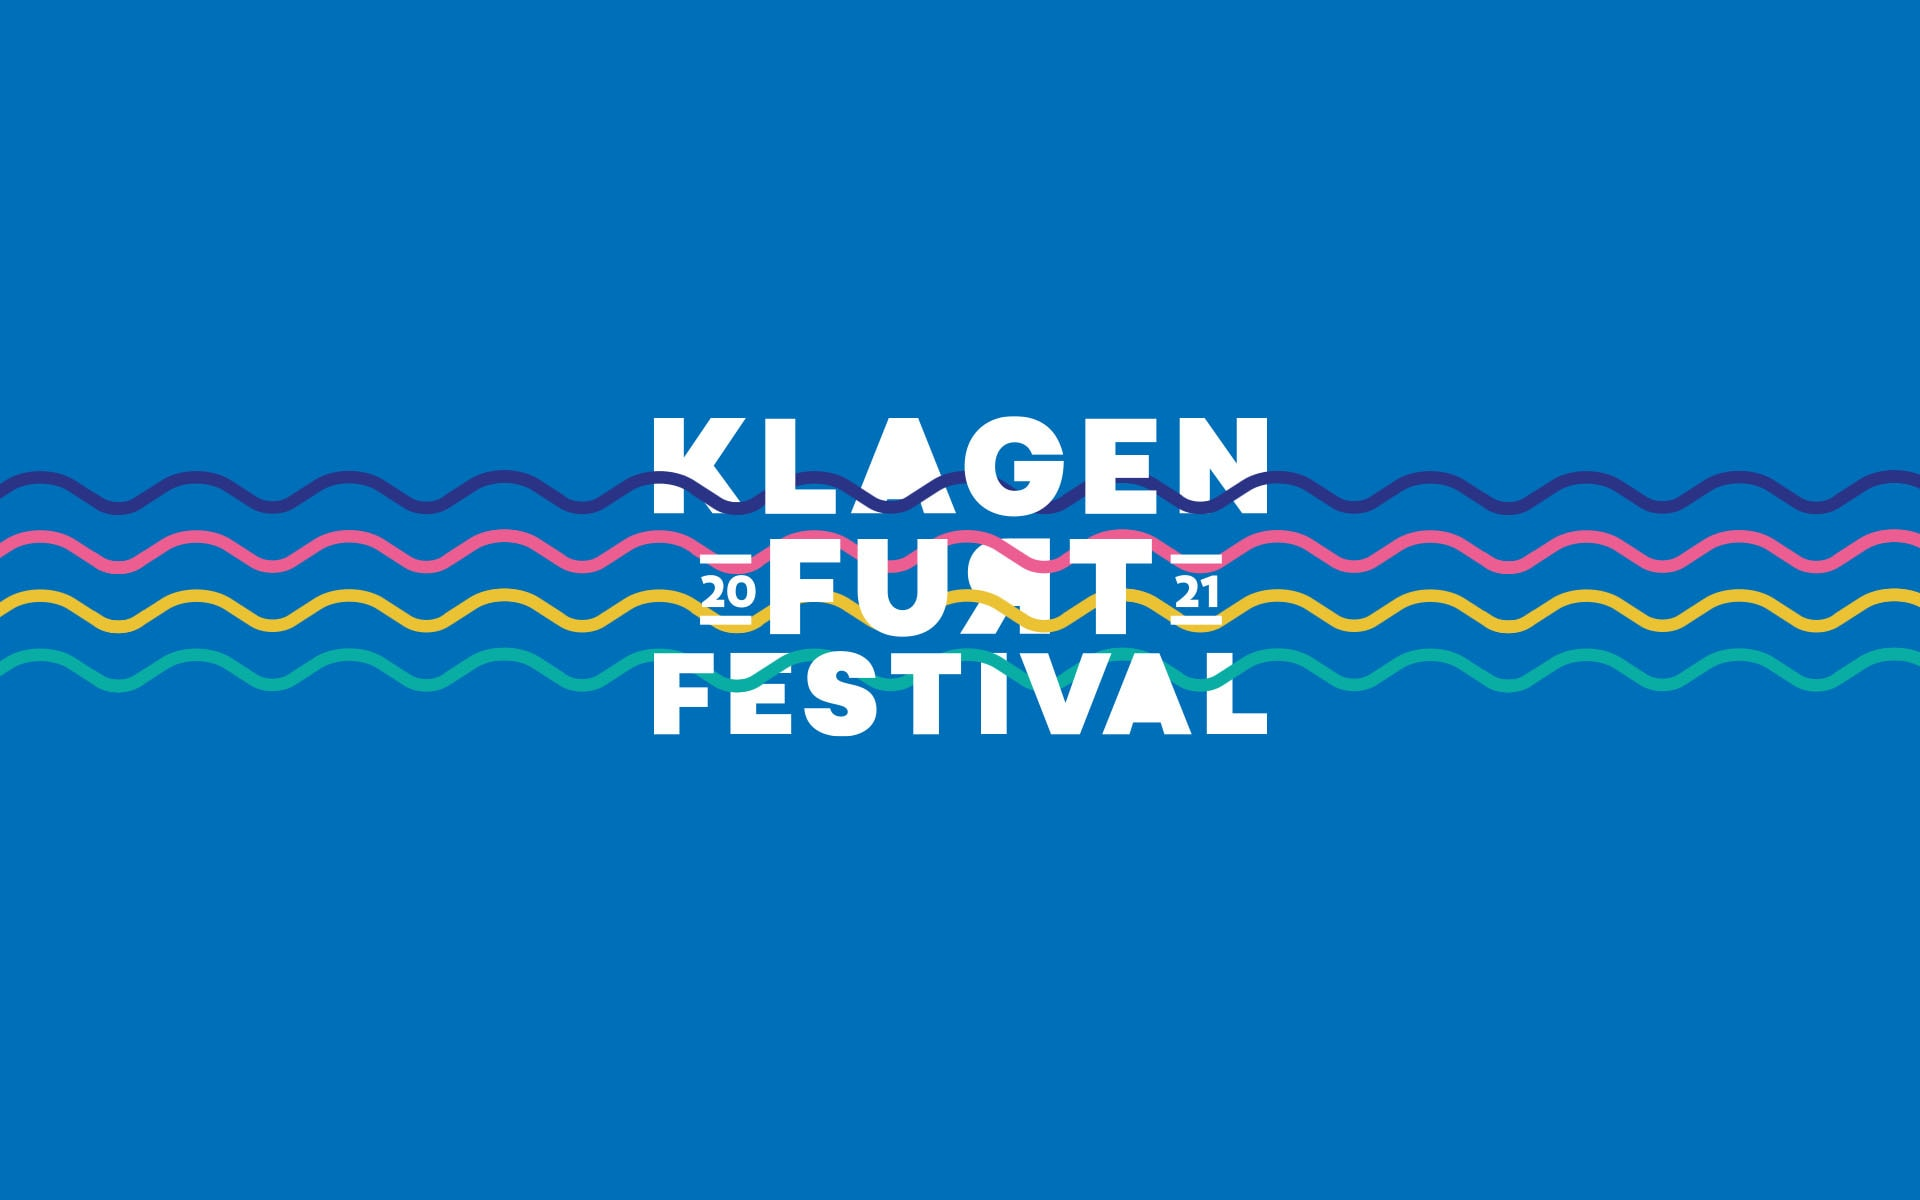 Klagenfurt Festival 2021